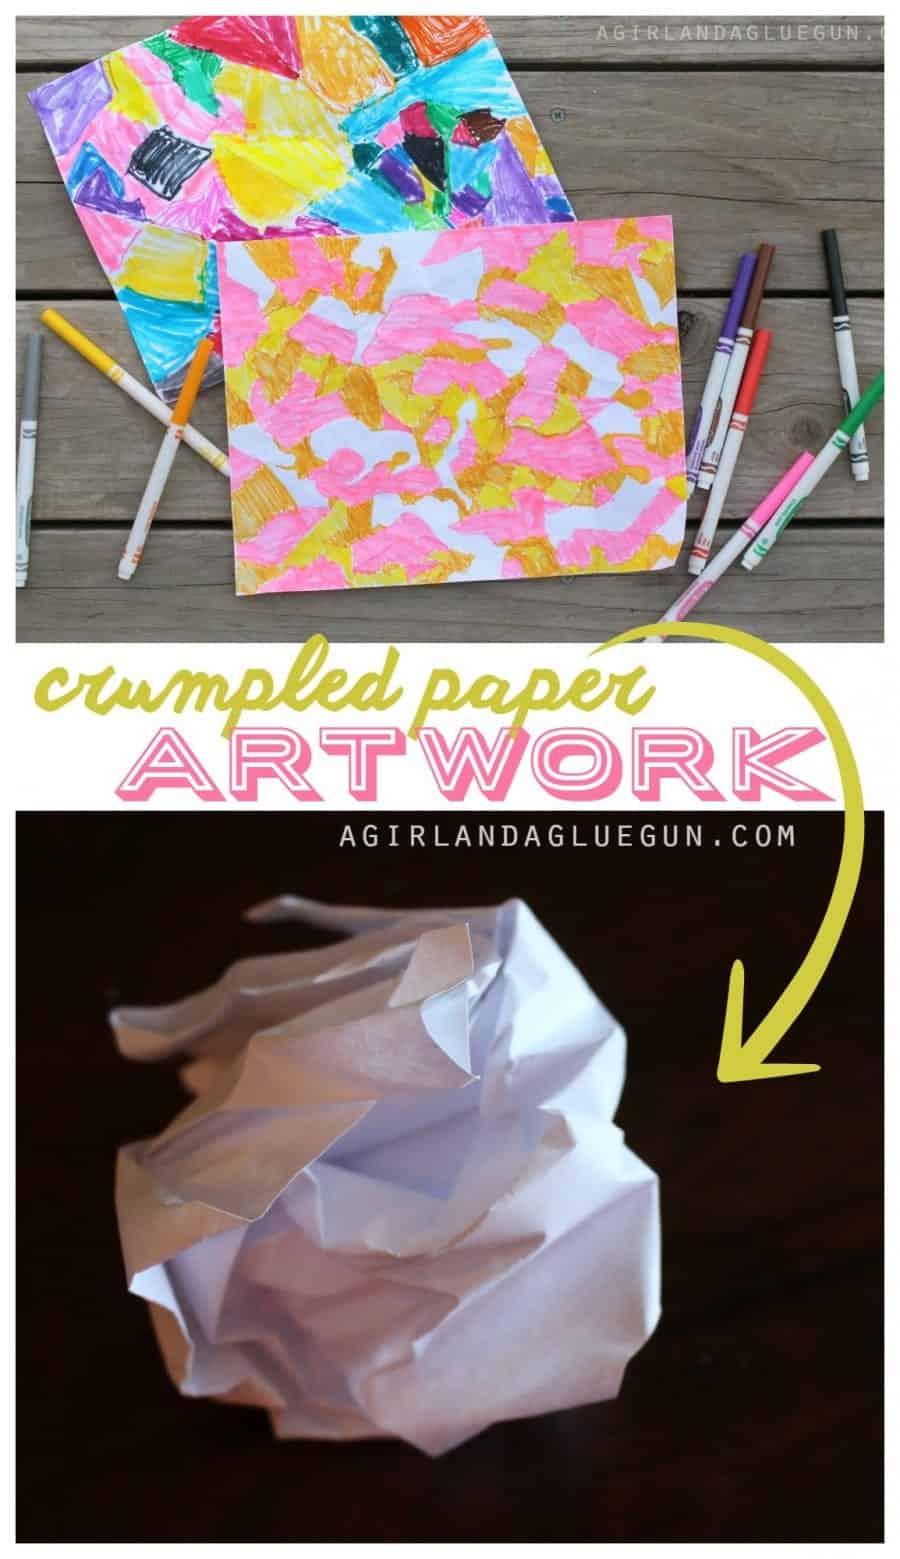 crumpled paper artwork!